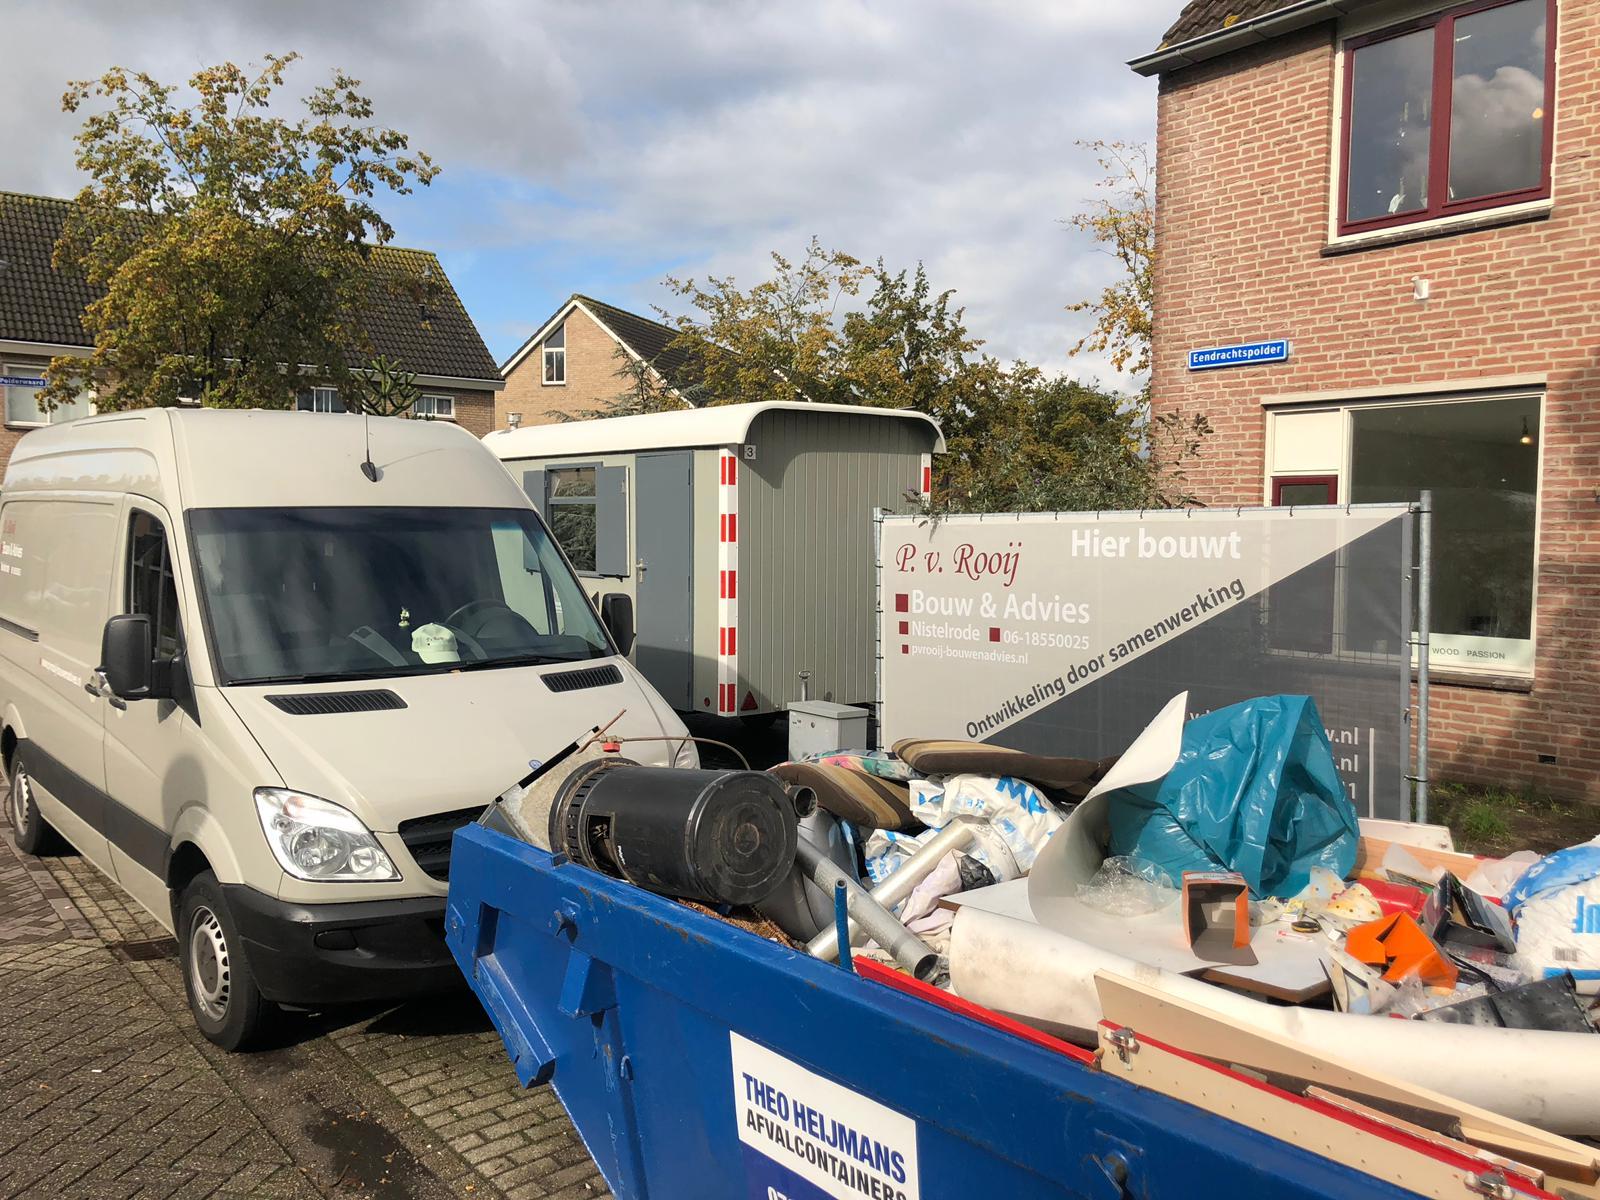 PvRooij-Bouw-en-Advies bouw Bouwmaterialen (5)